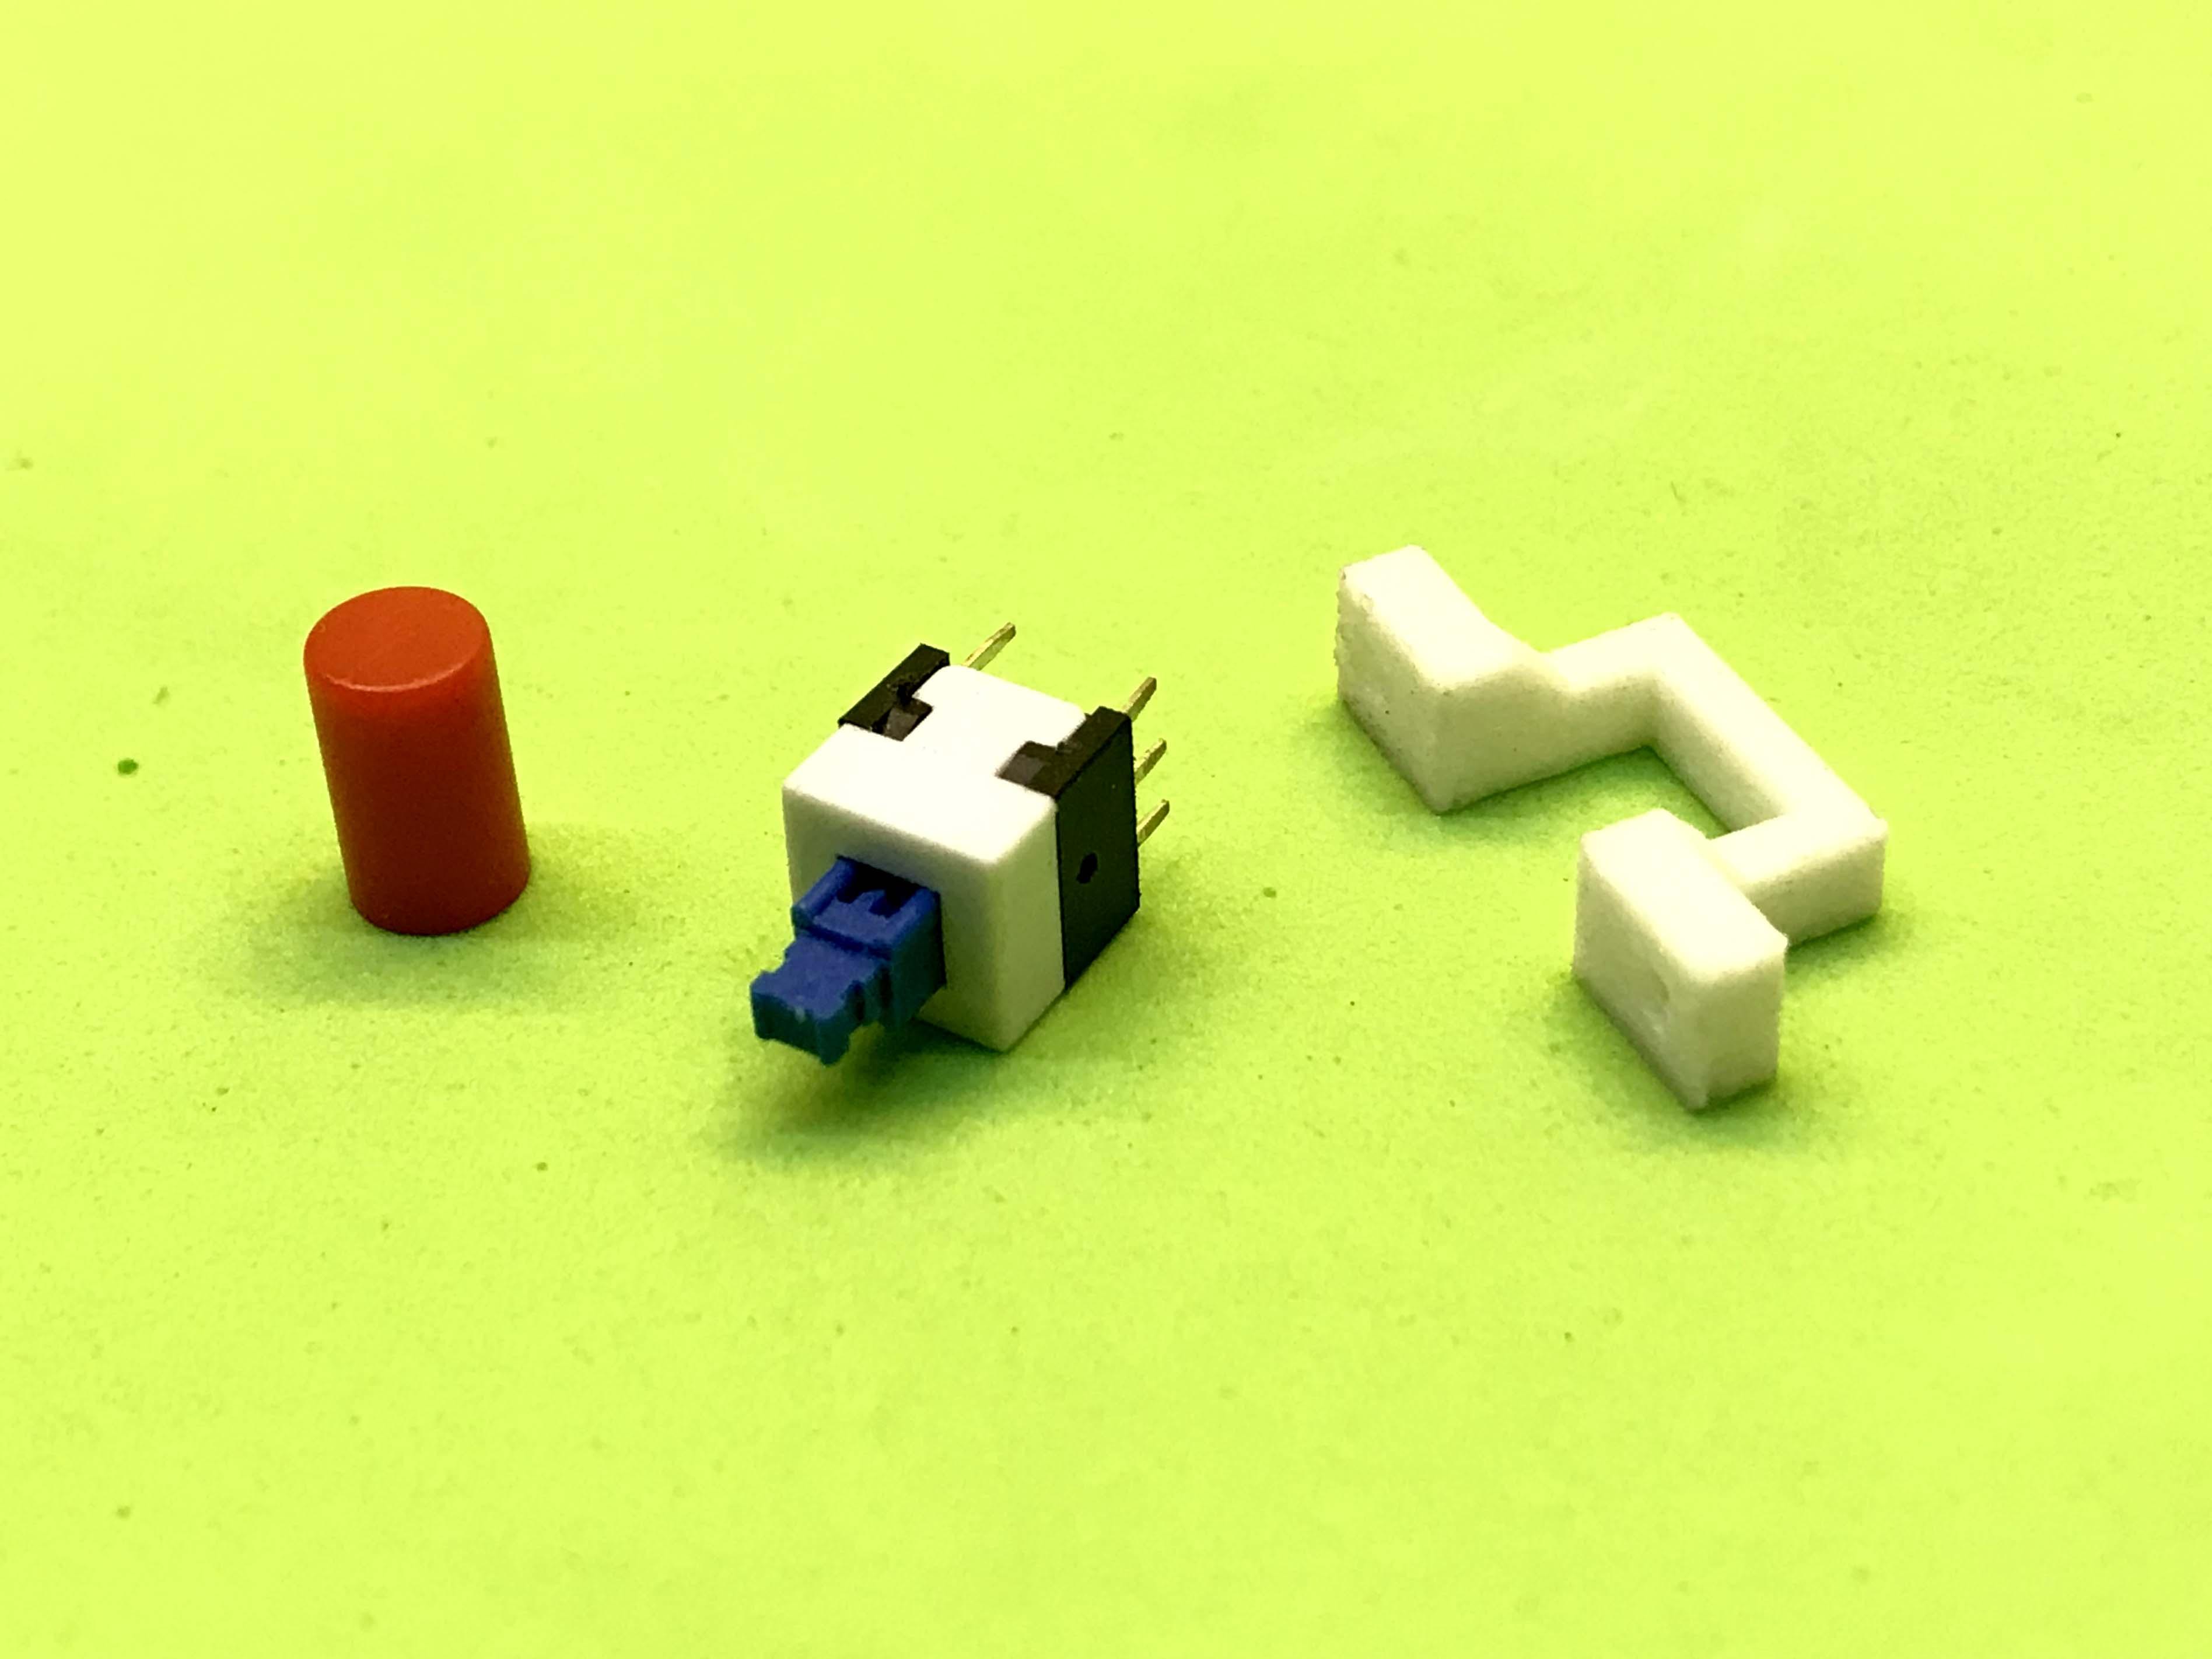 Nút nhấn 8 x 8 mm và bộ gá